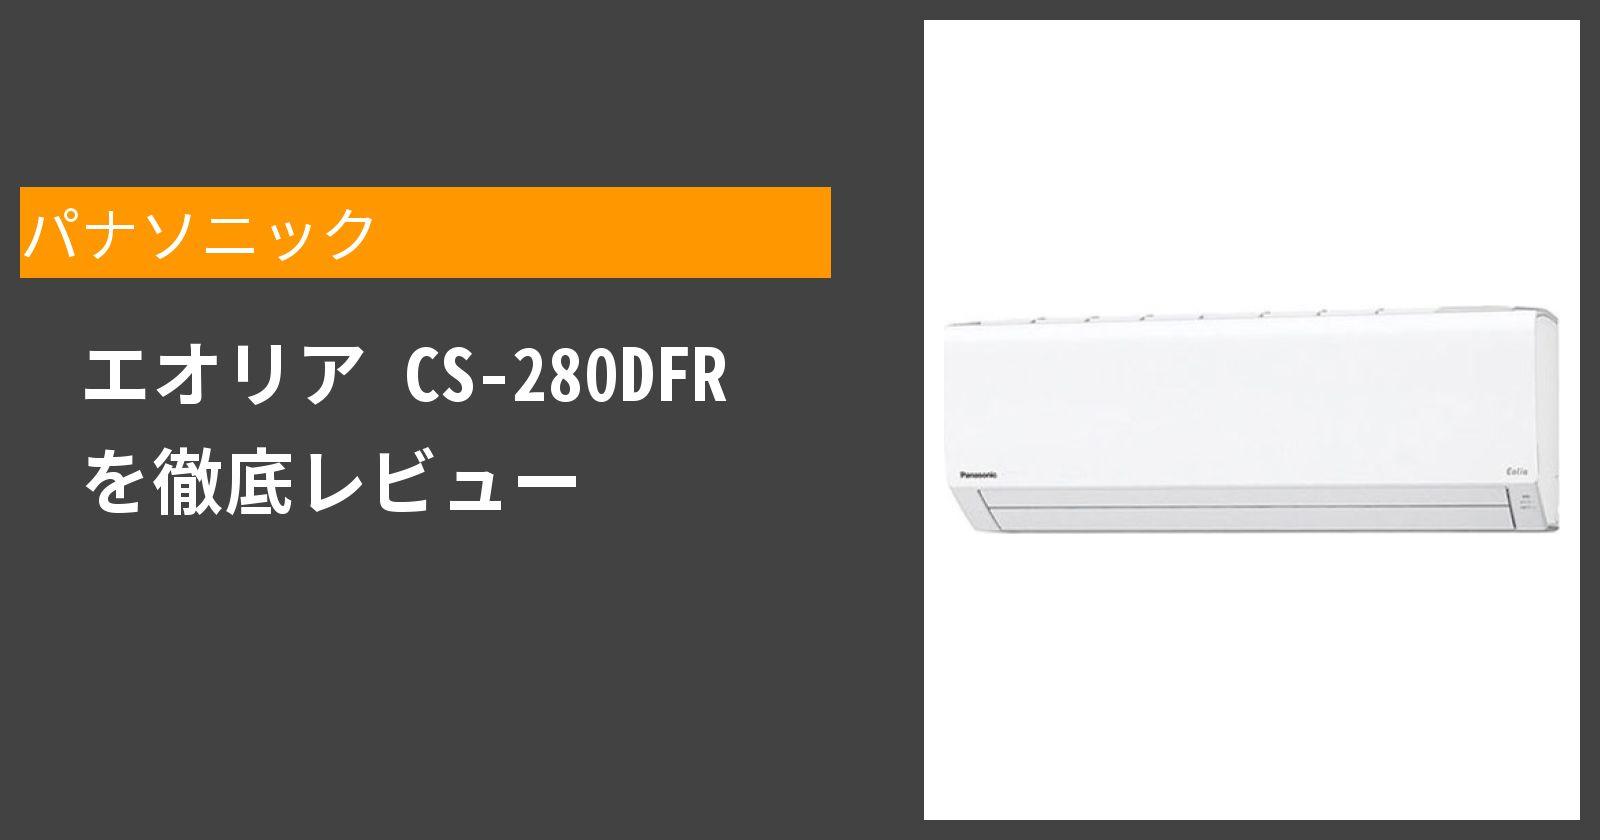 エオリア CS-280DFRを徹底評価